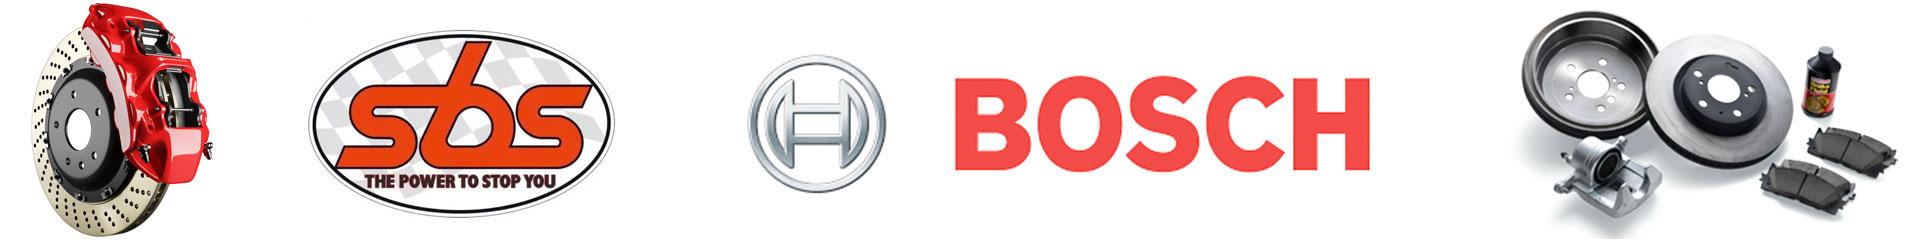 Bremsedeler hos Norgesdel SBS logo Bosch logo